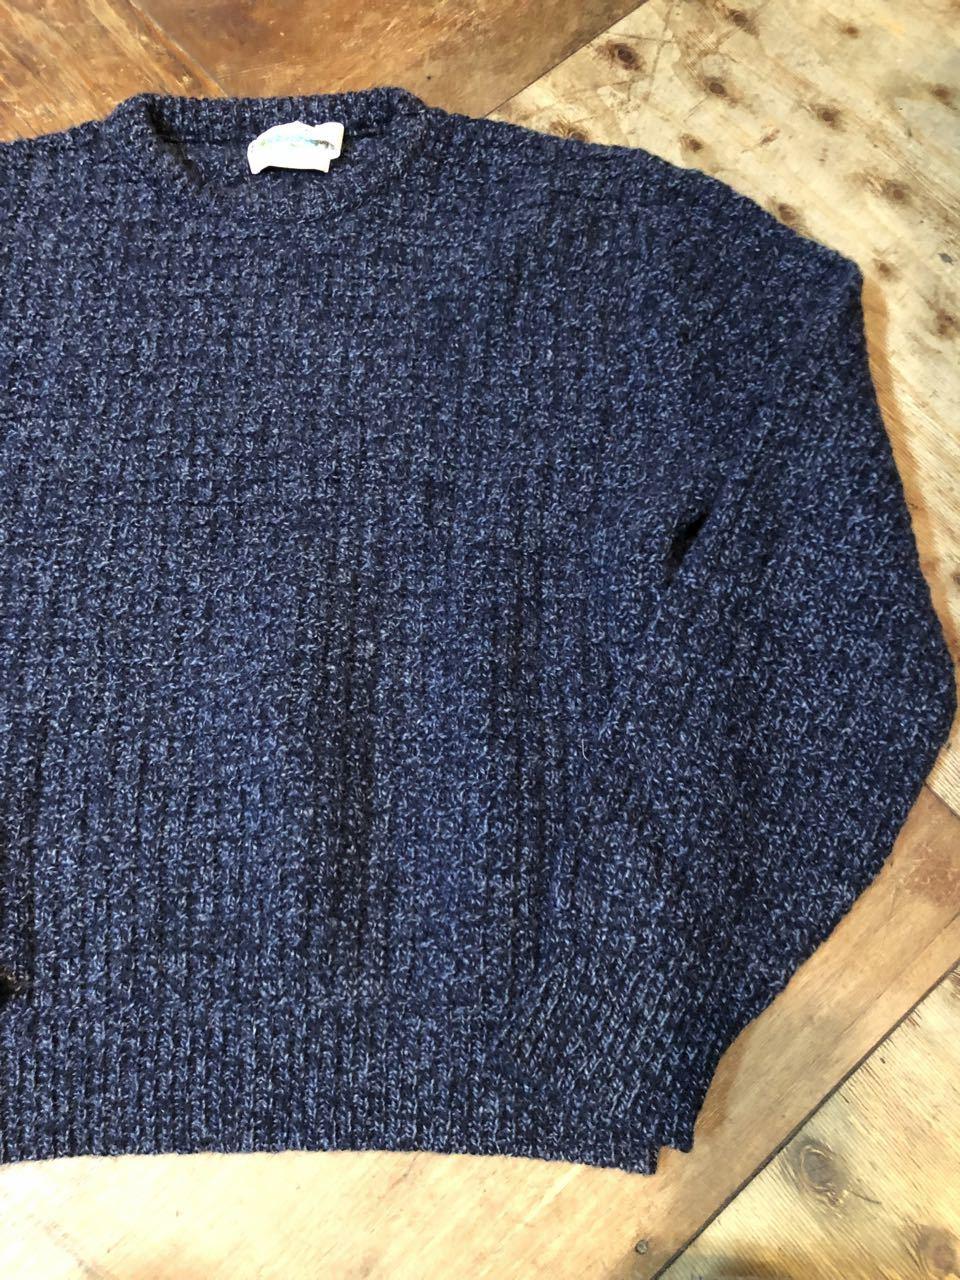 12月7日(土)入荷!デッドストック MADE IN IRELAND ARAN セーター(フィッシャーマンズセーター)など色々入荷!_c0144020_13570844.jpg